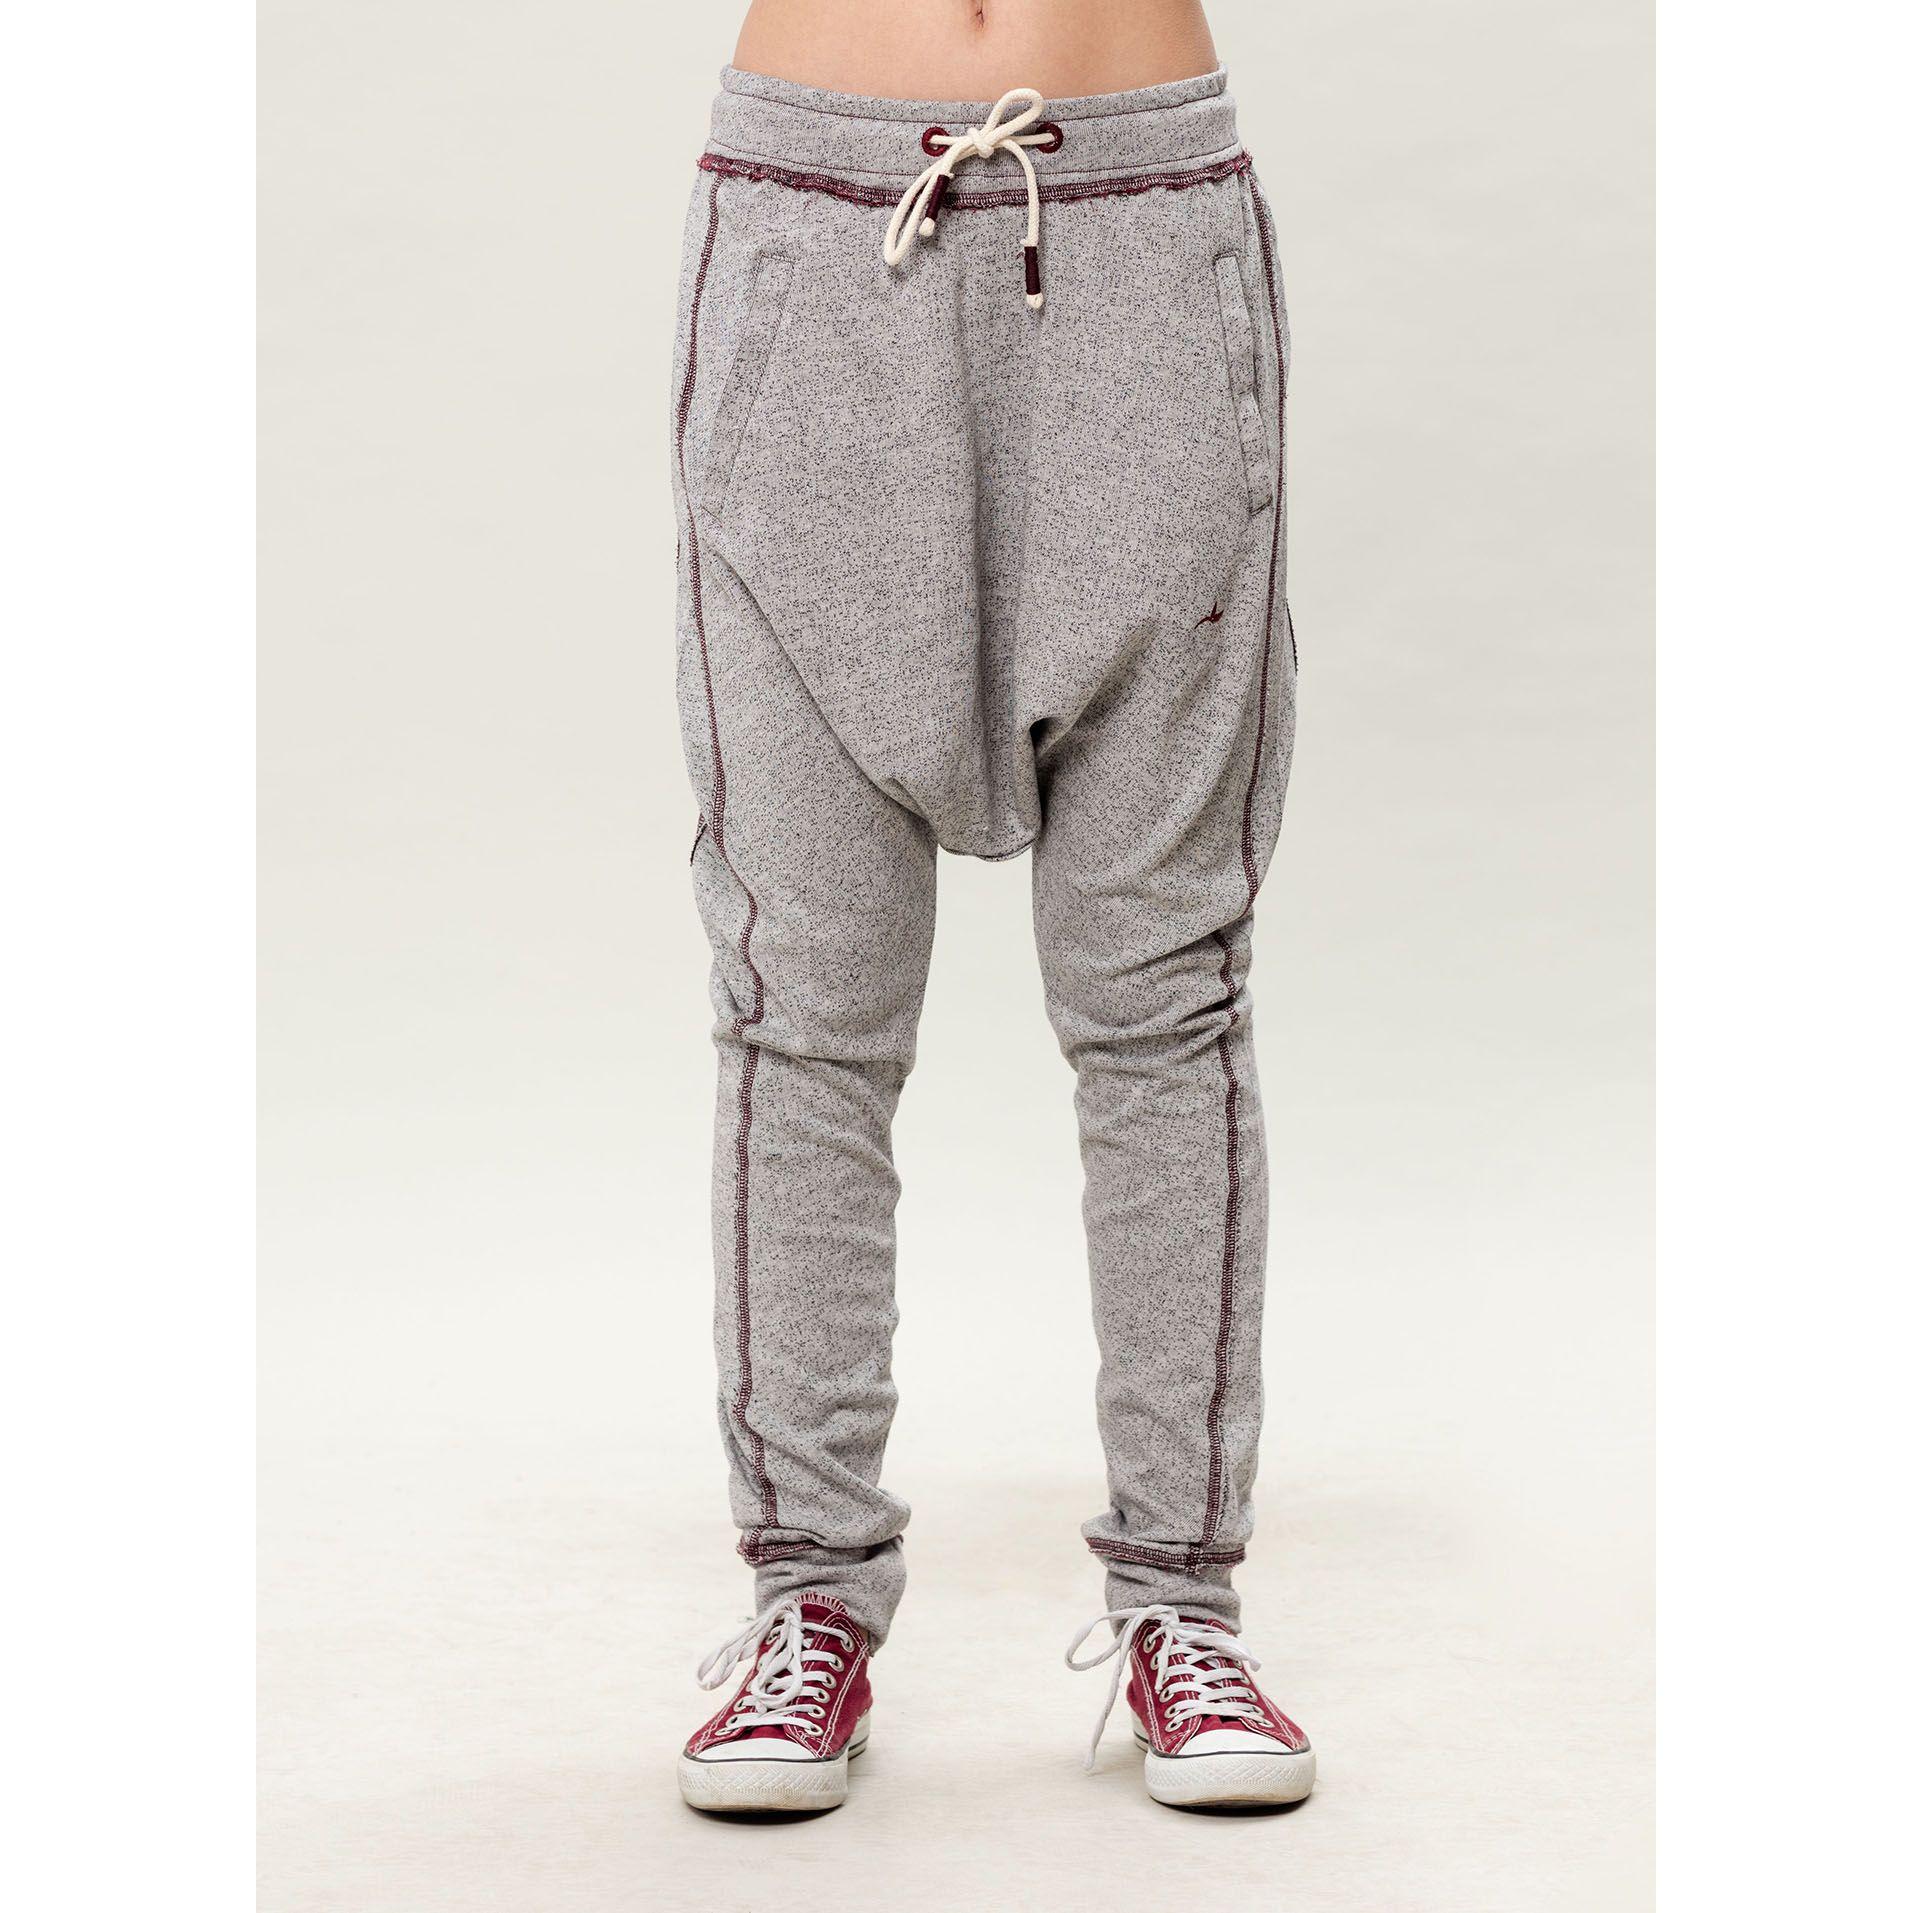 8614b27a499fbf Damenmode :: Sportbekleidung :: Hosen :: Damen Jogginghose - grey ...